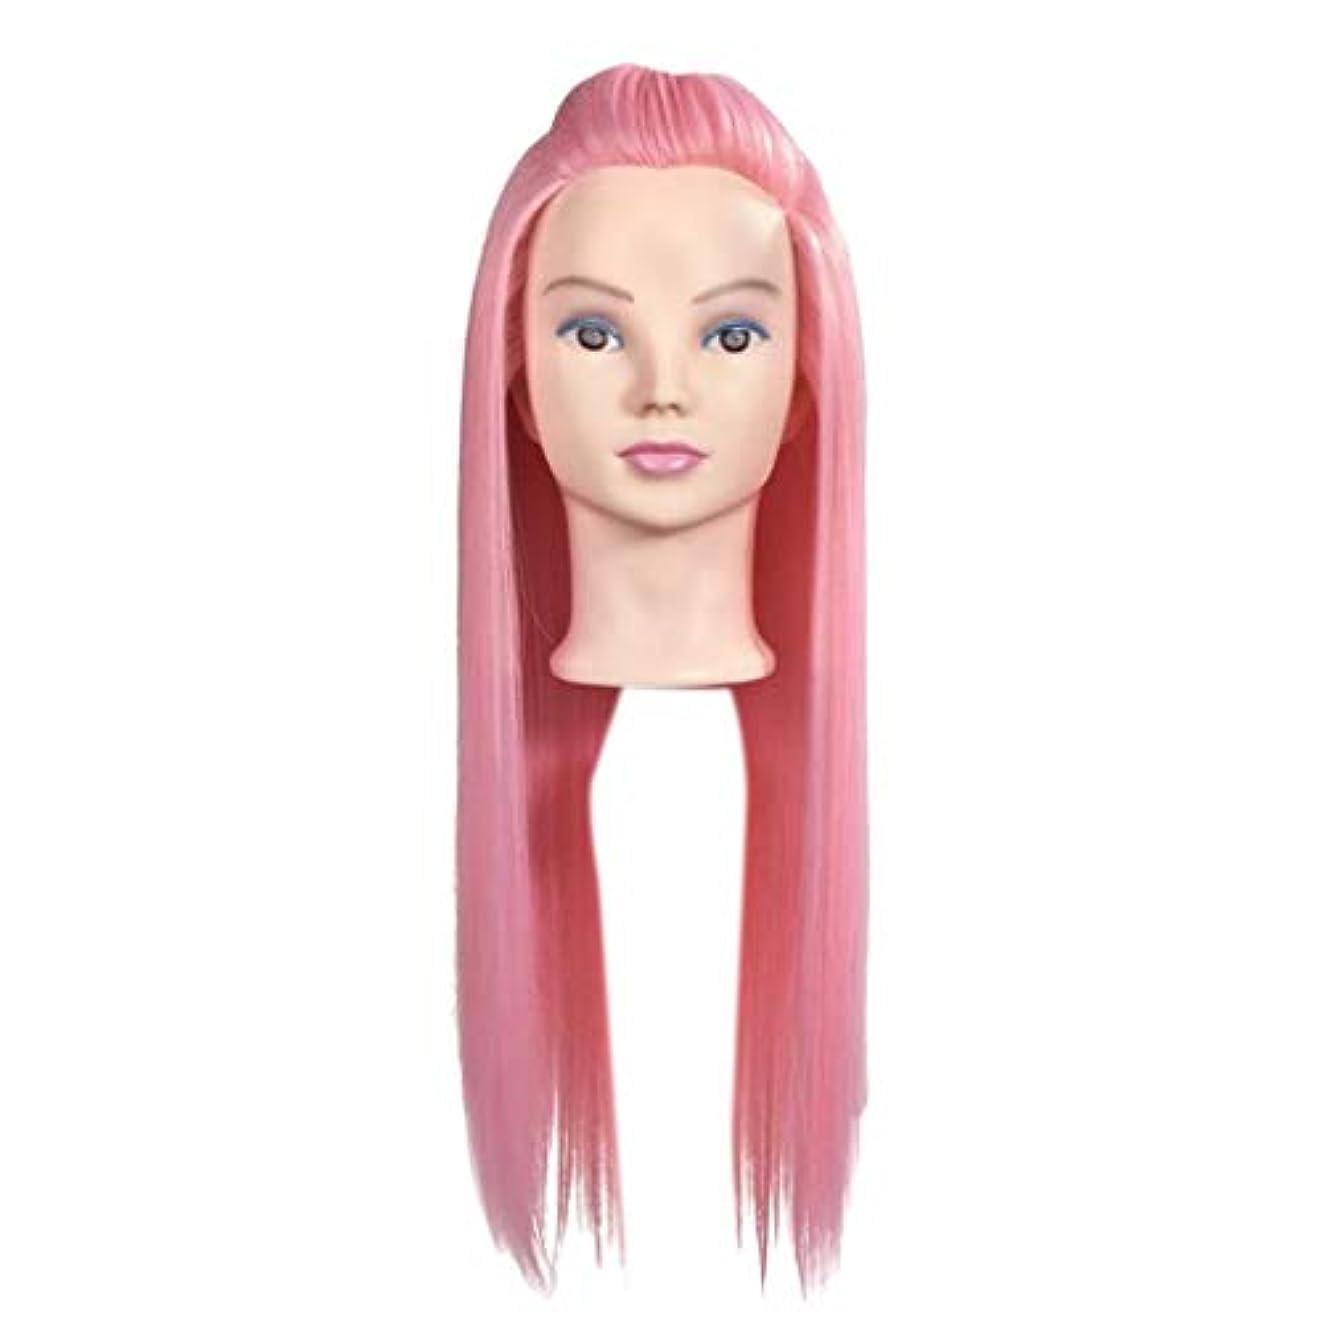 承知しました極貧スポーツの試合を担当している人Toygogo 23インチピンク美容化粧顔マネキンマネキンヘッド髪、サロンスタイリング練習組紐人形頭合成髪